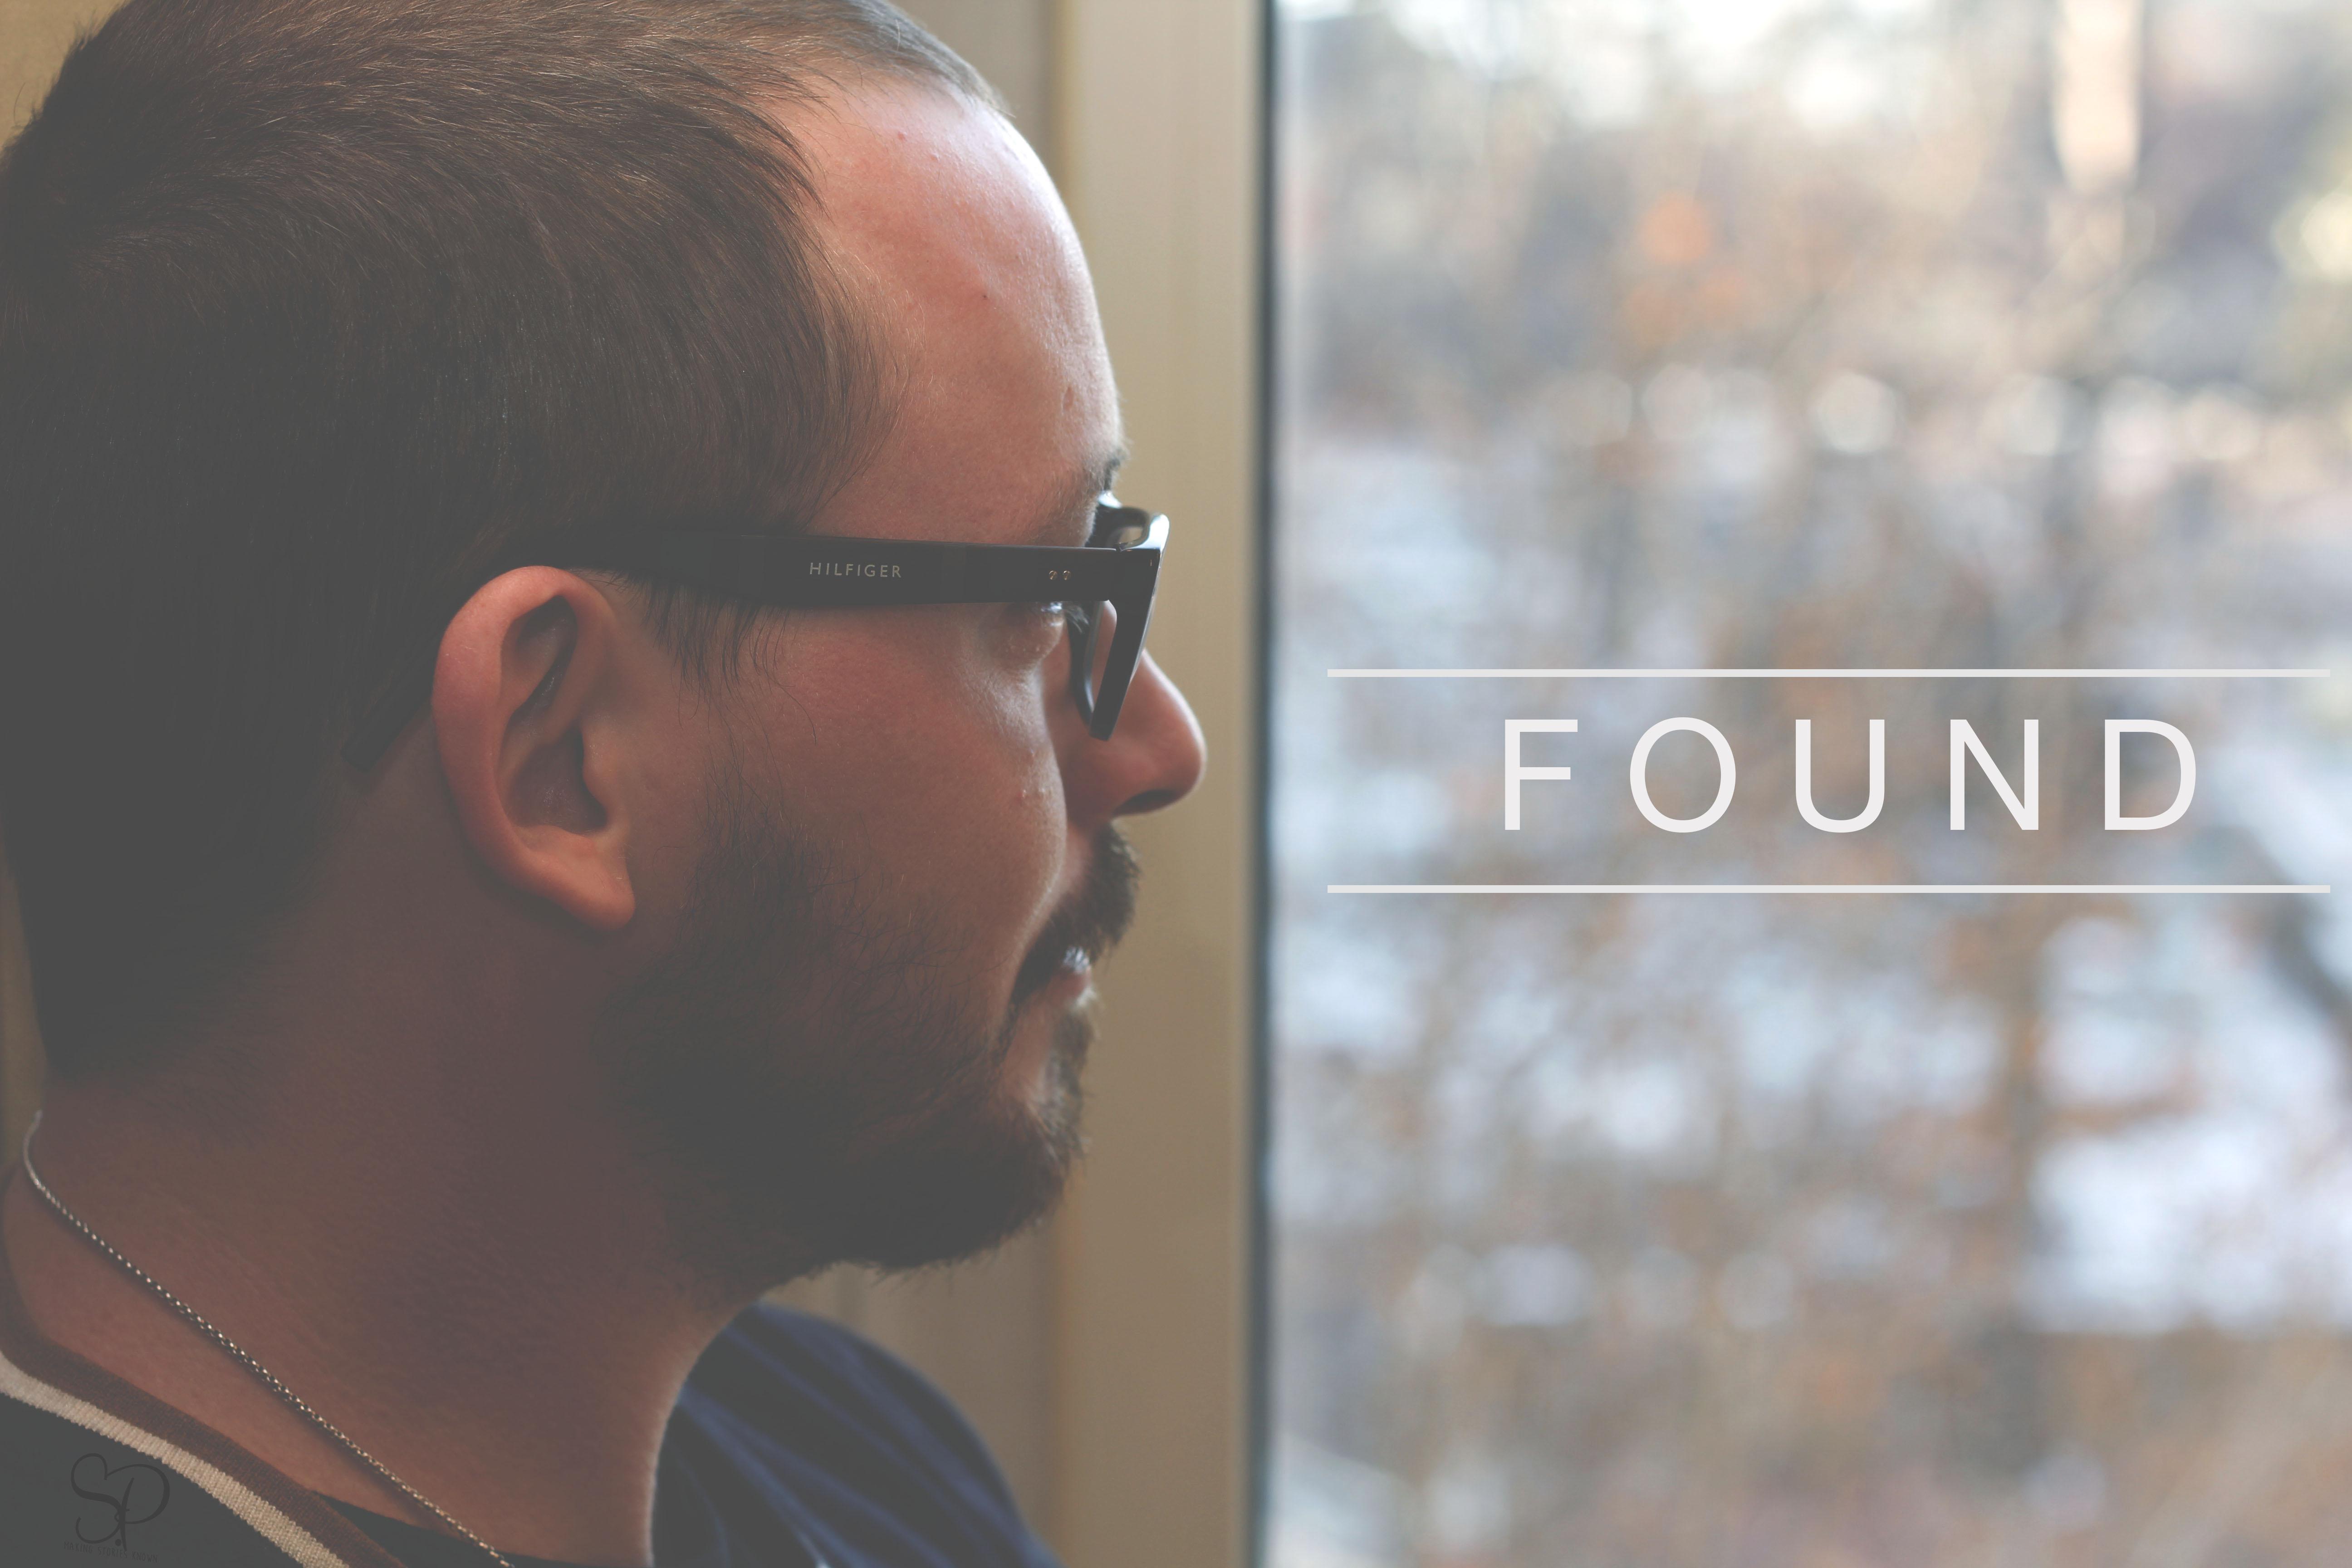 'Found'